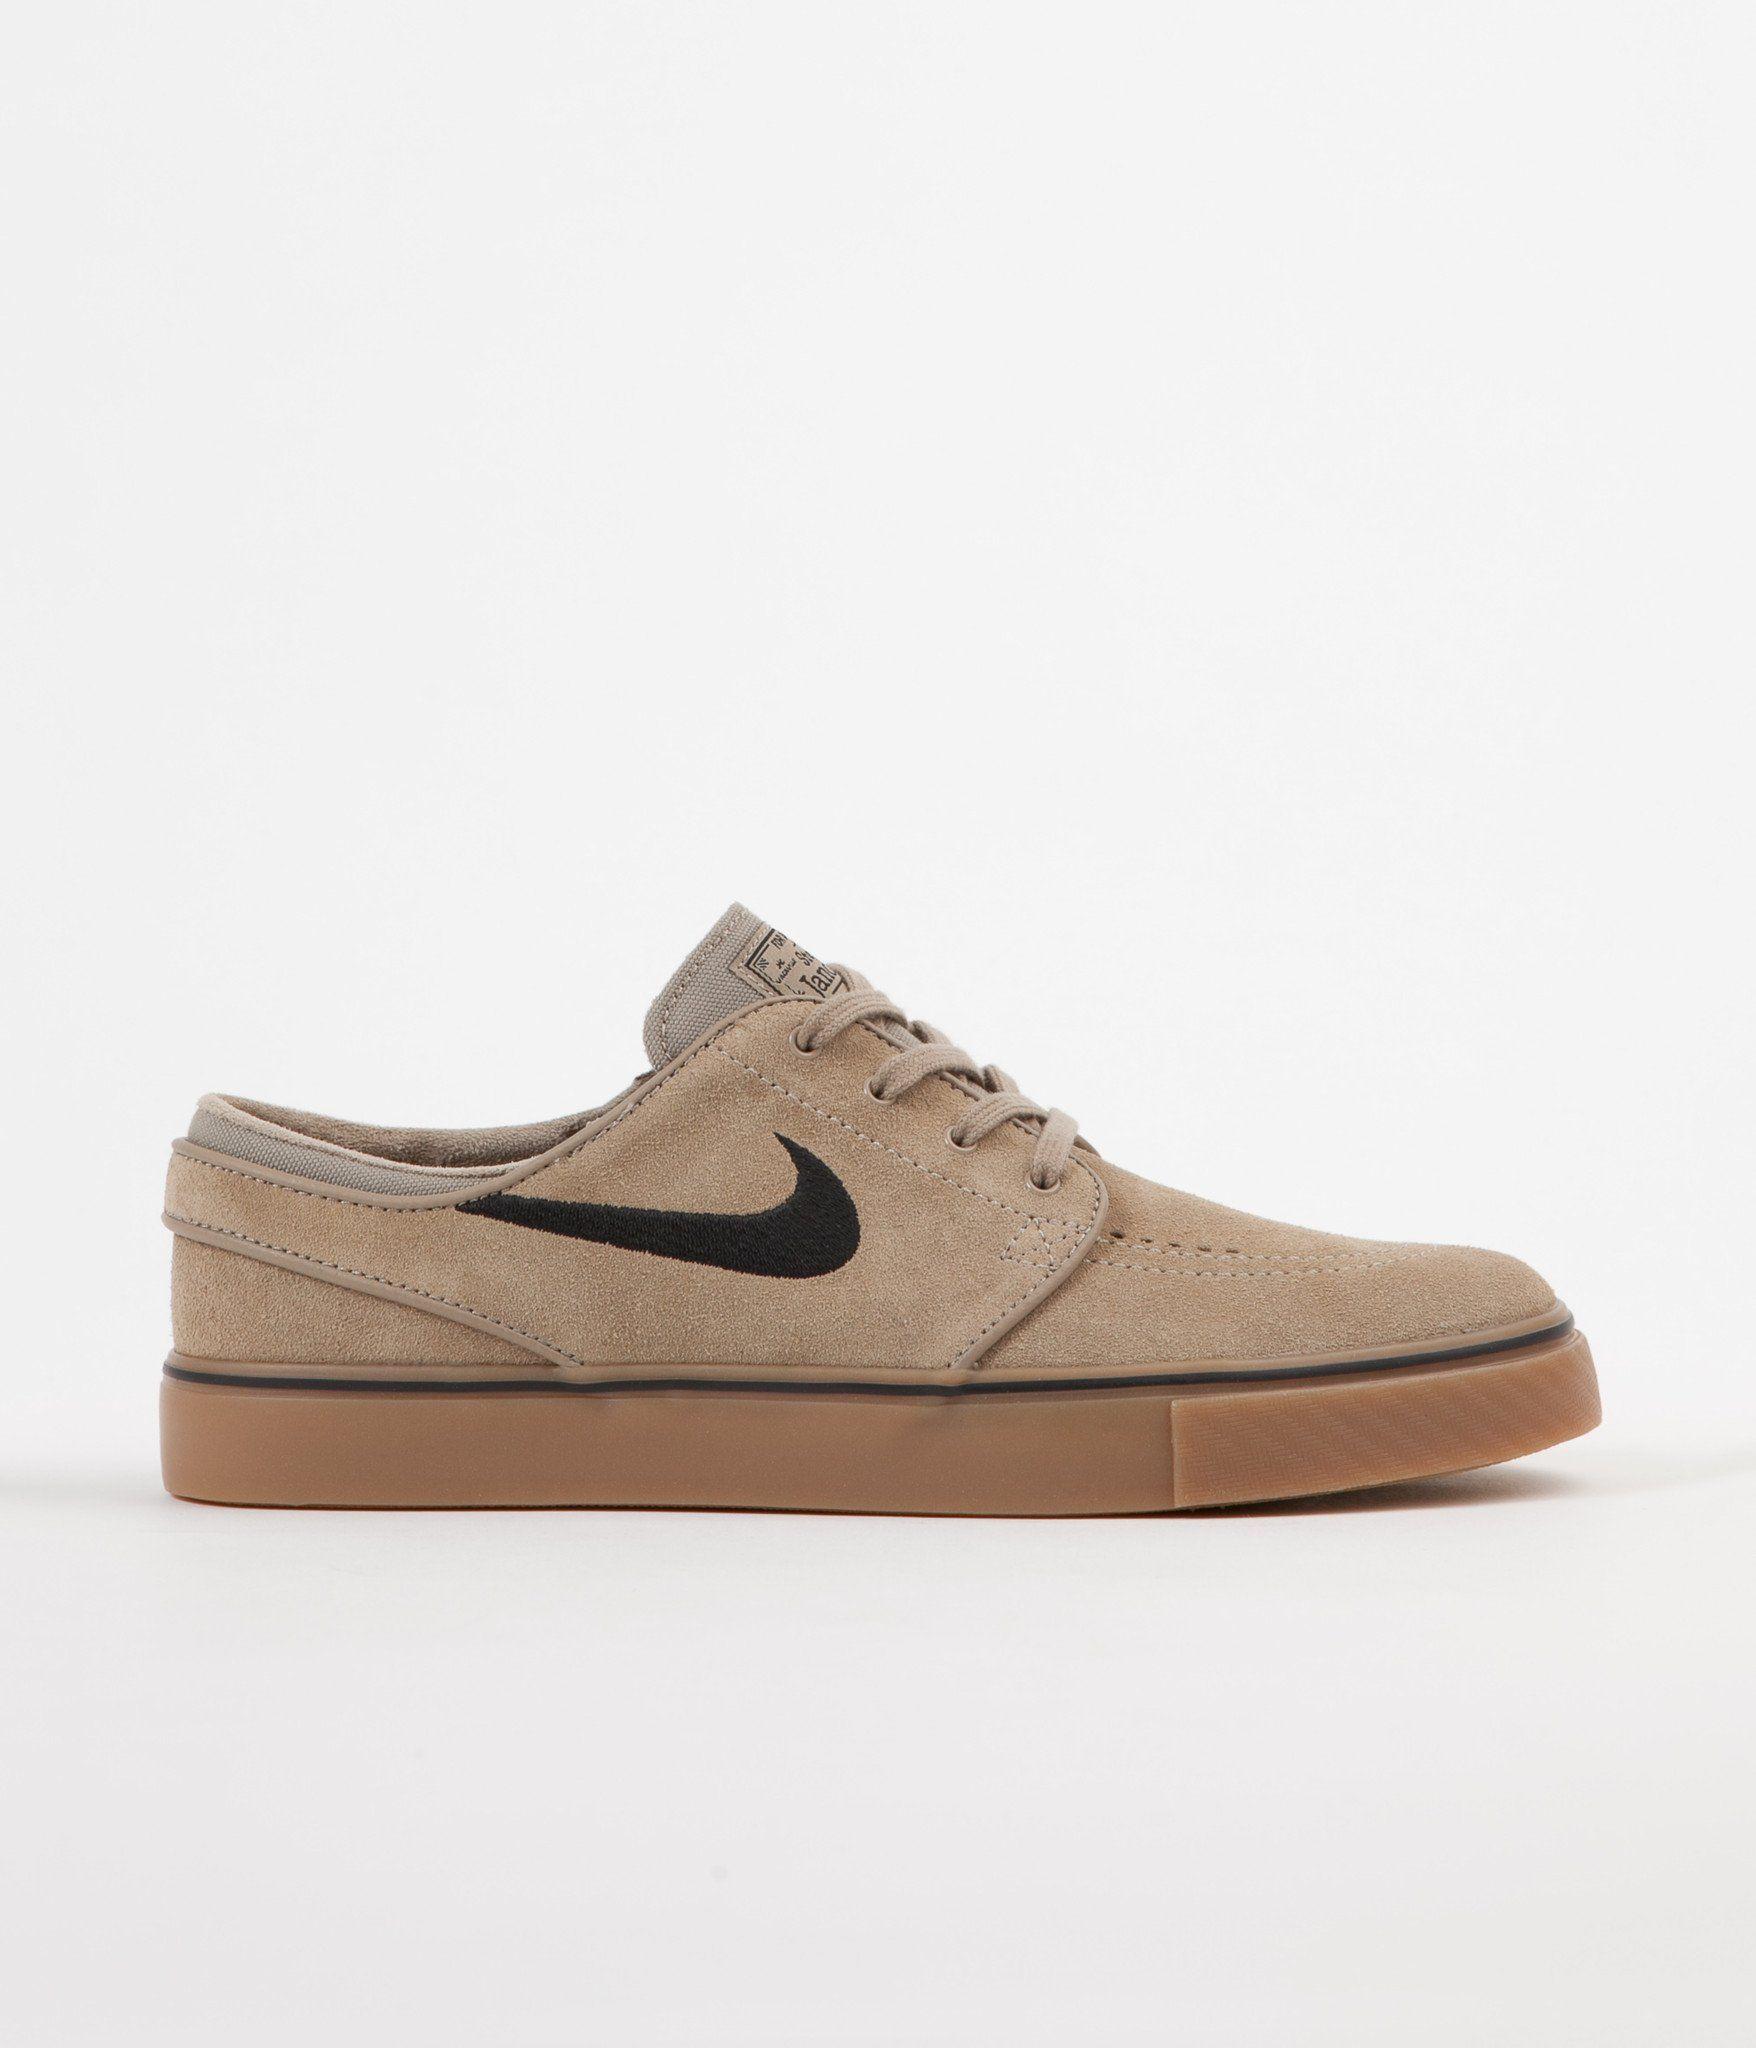 de7f99d3a58e97 Nike SB Stefan Janoski Shoes - Khaki   Black - Gum Light Brown ...